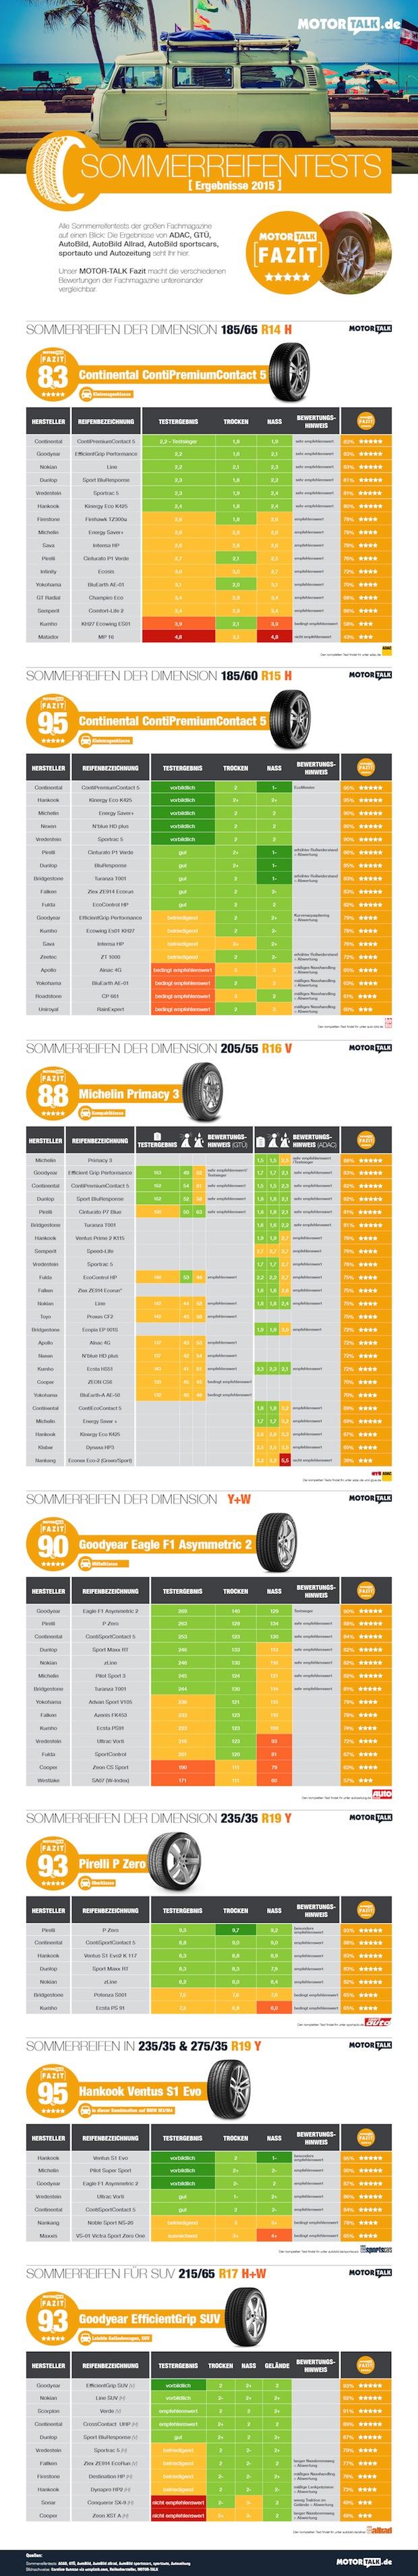 Bild von Motor-Talk zeigt alle Sommerreifentests in einer Übersicht